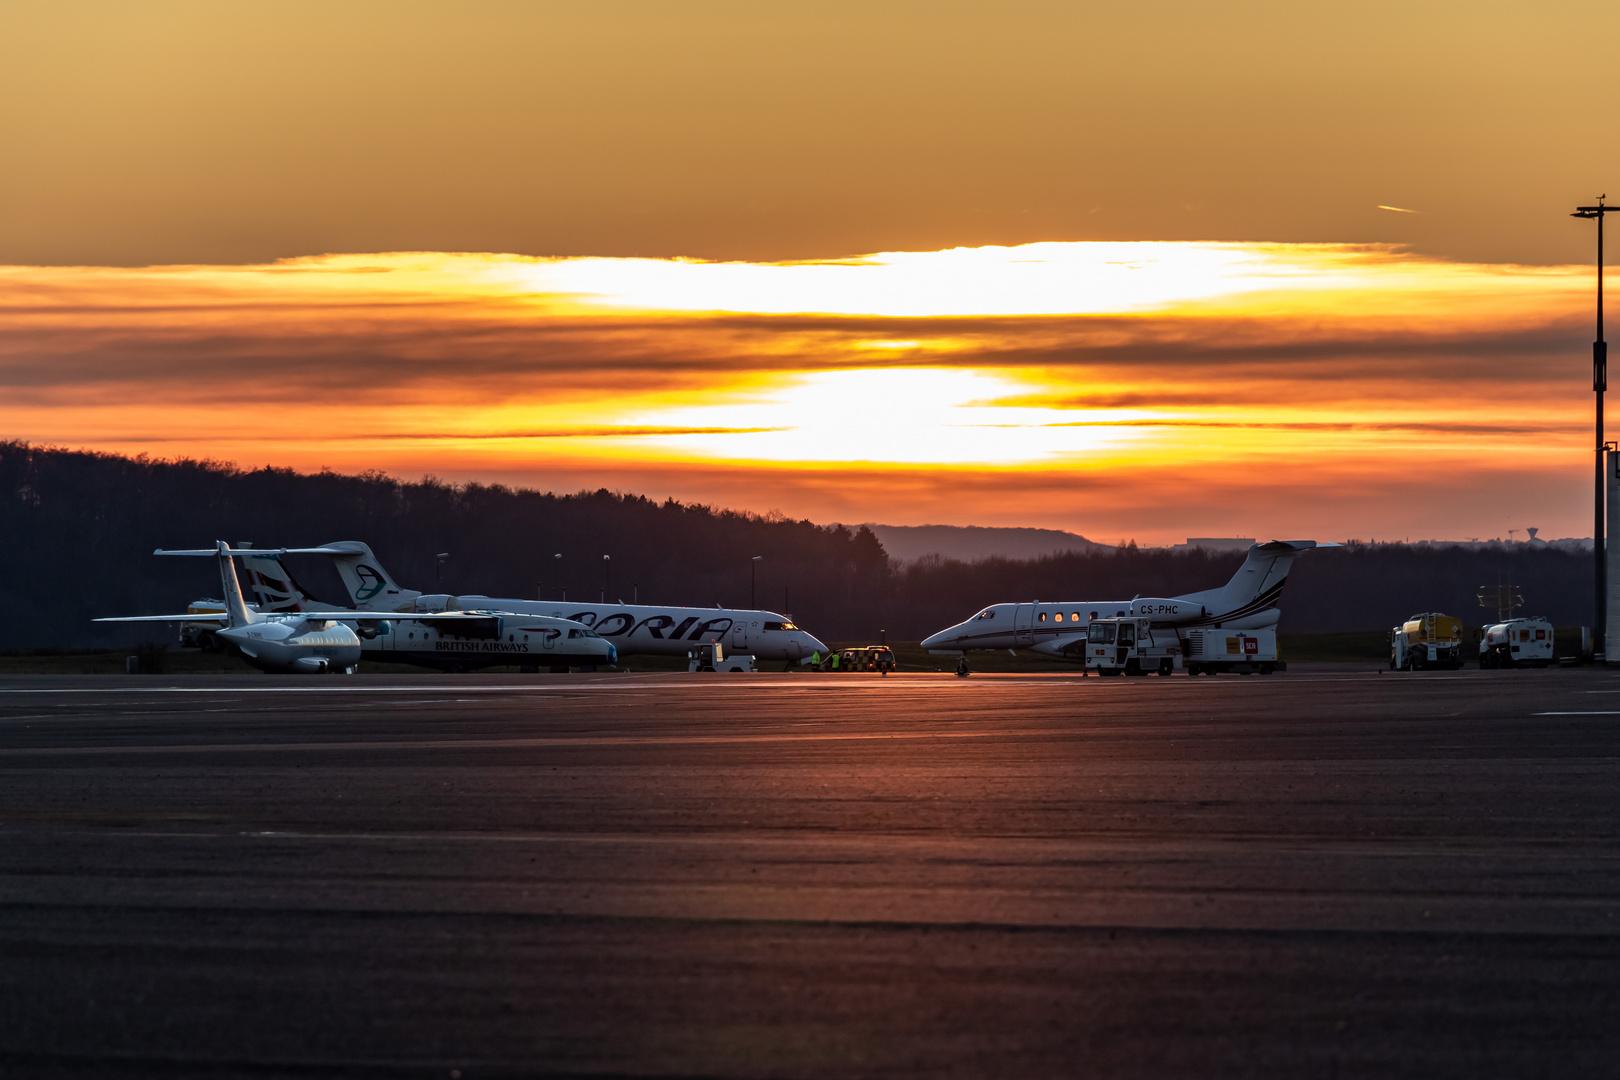 Flughafen Saarbrücken beim Sonnenuntergang